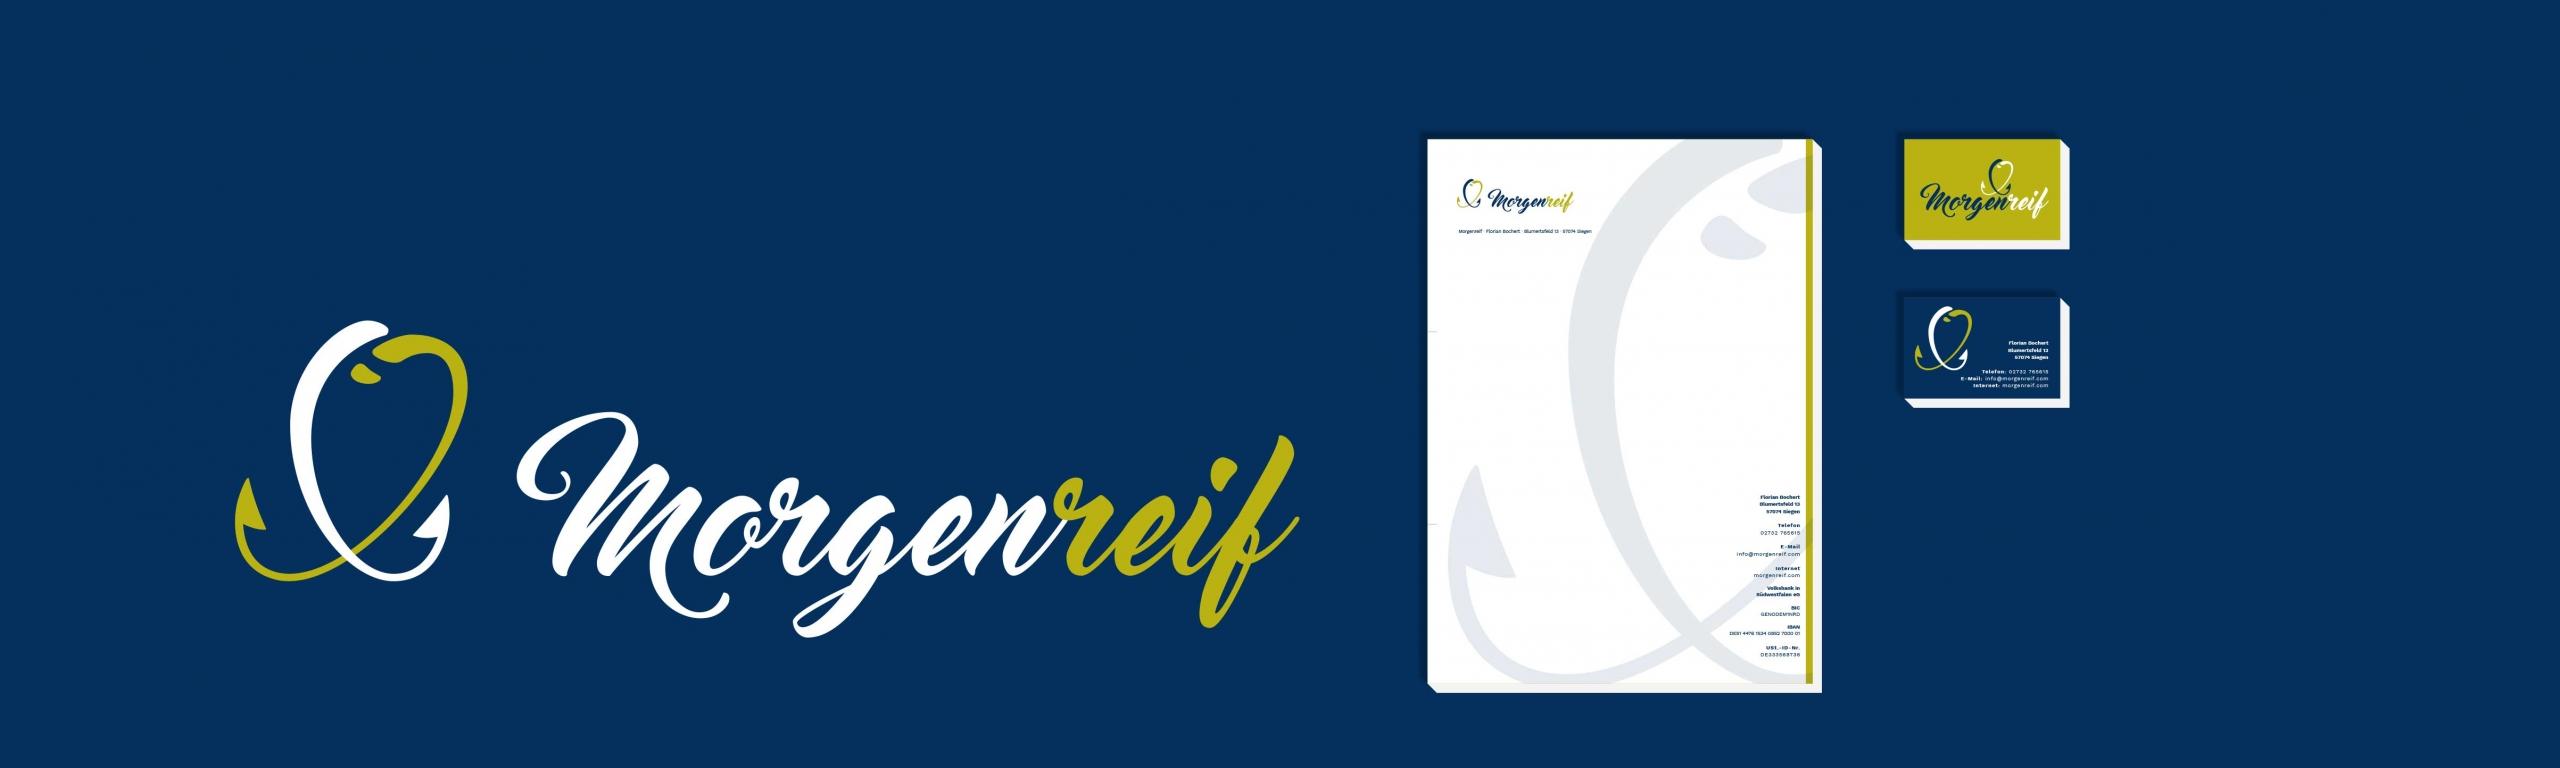 Morgenreif Corporate Design Geschäftsausstattung